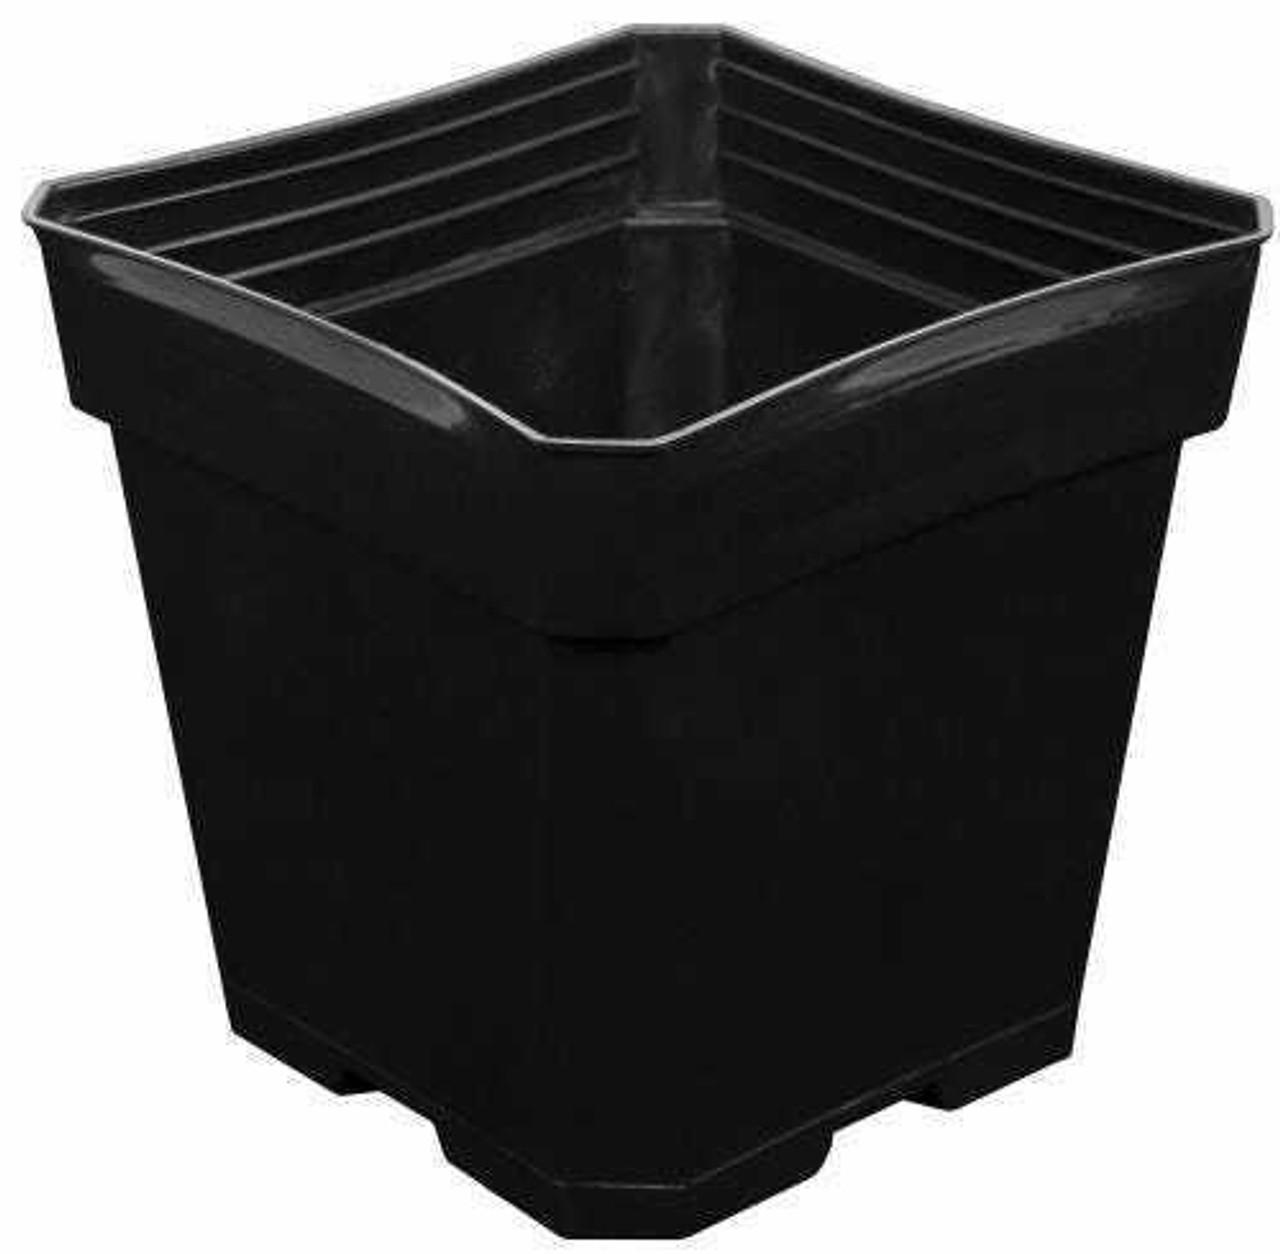 Gro Pro Black Plastic Pot 5.5 in x 5.5 in x 5.75 in (Must buy 200)